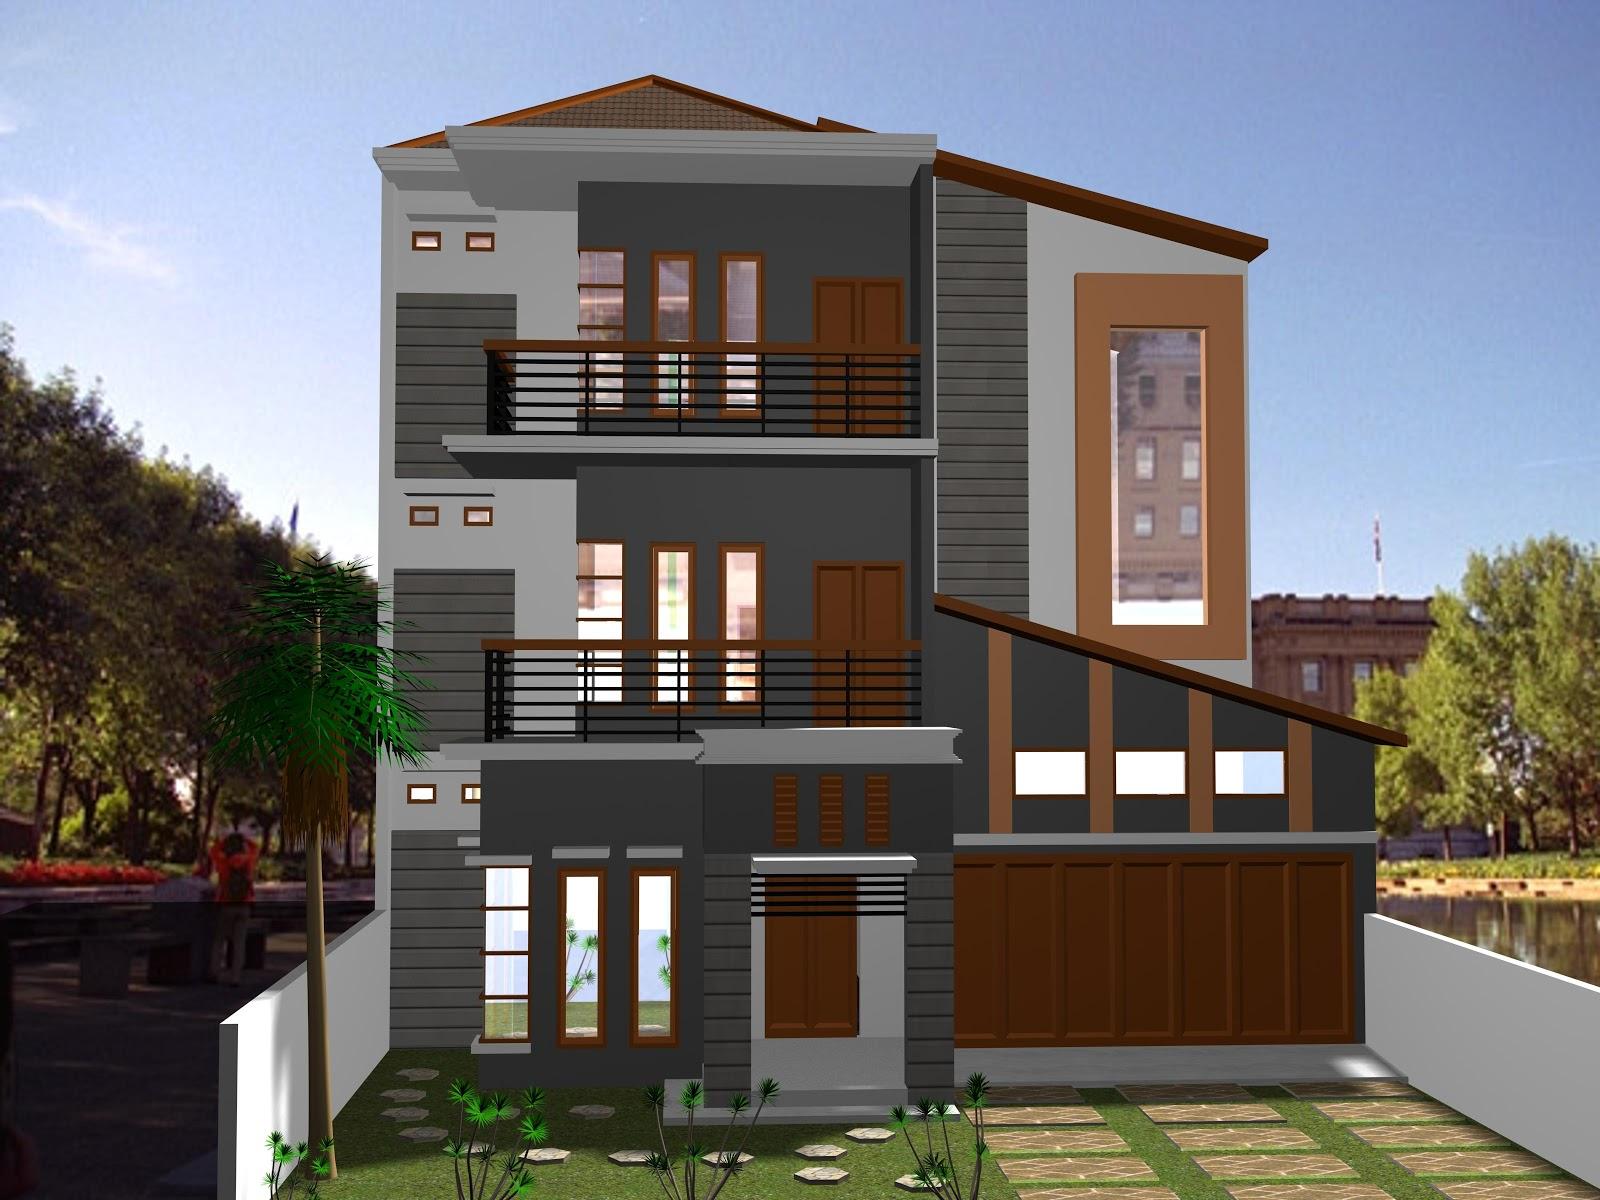 61 Desain Rumah Minimalis 3 Lantai Desain Rumah Minimalis Terbaru